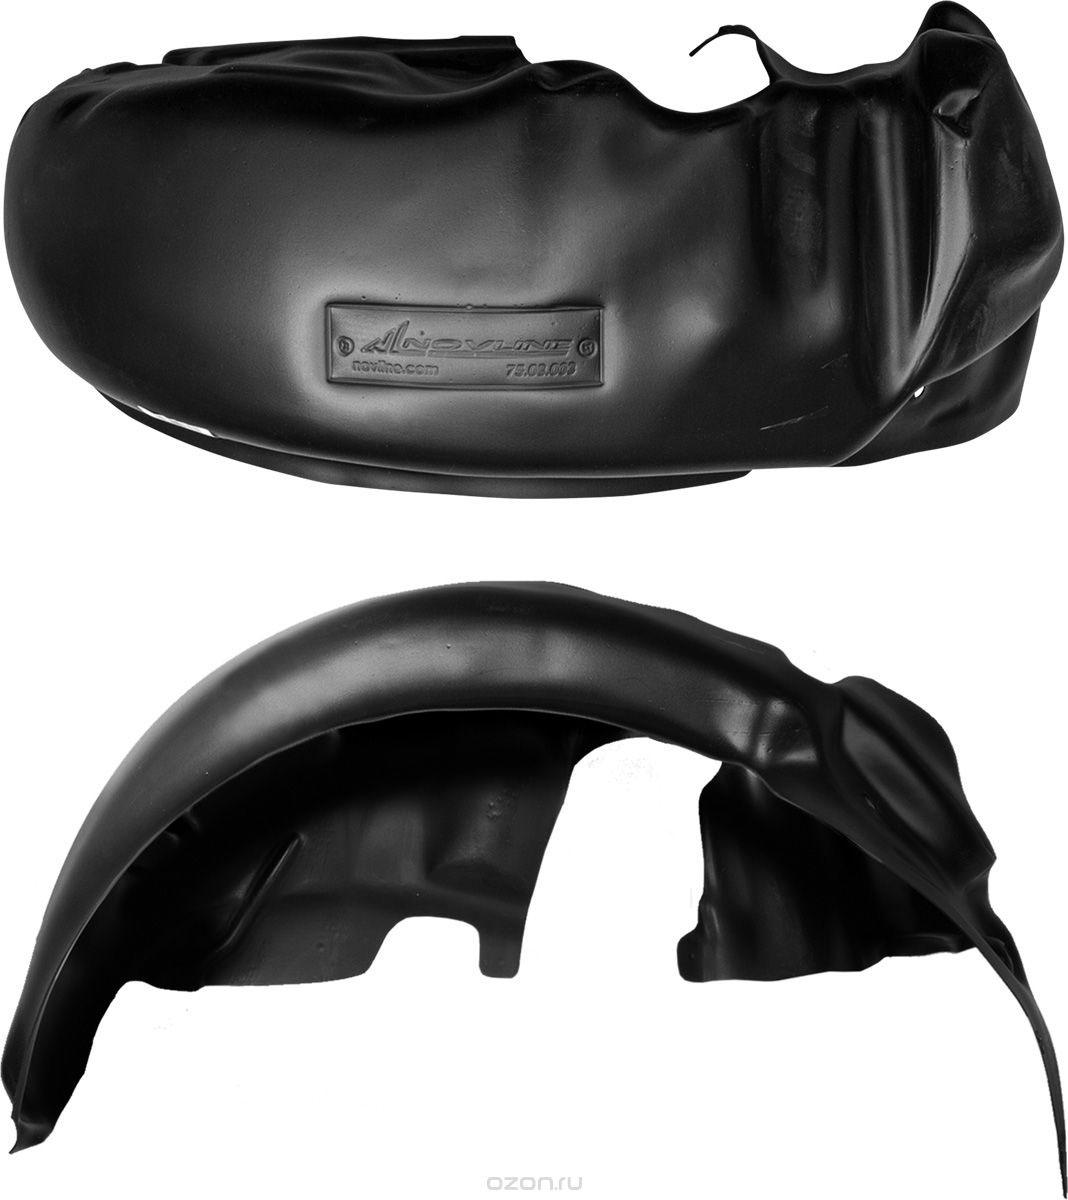 Подкрылок Novline-Autofamily, для Brilliance H230, 04/2015->, задний левыйNLL.95.02.003Идеальная защита колесной ниши. Локеры разработаны с применением цифровых технологий, гарантируют максимальную повторяемость поверхности арки. Изделия устанавливаются без нарушения лакокрасочного покрытия автомобиля, каждый подкрылок комплектуется крепежом. Уважаемые клиенты, обращаем ваше внимание, что фотографии на подкрылки универсальные и не отражают реальную форму изделия. При этом само изделие идет точно под размер указанного автомобиля.